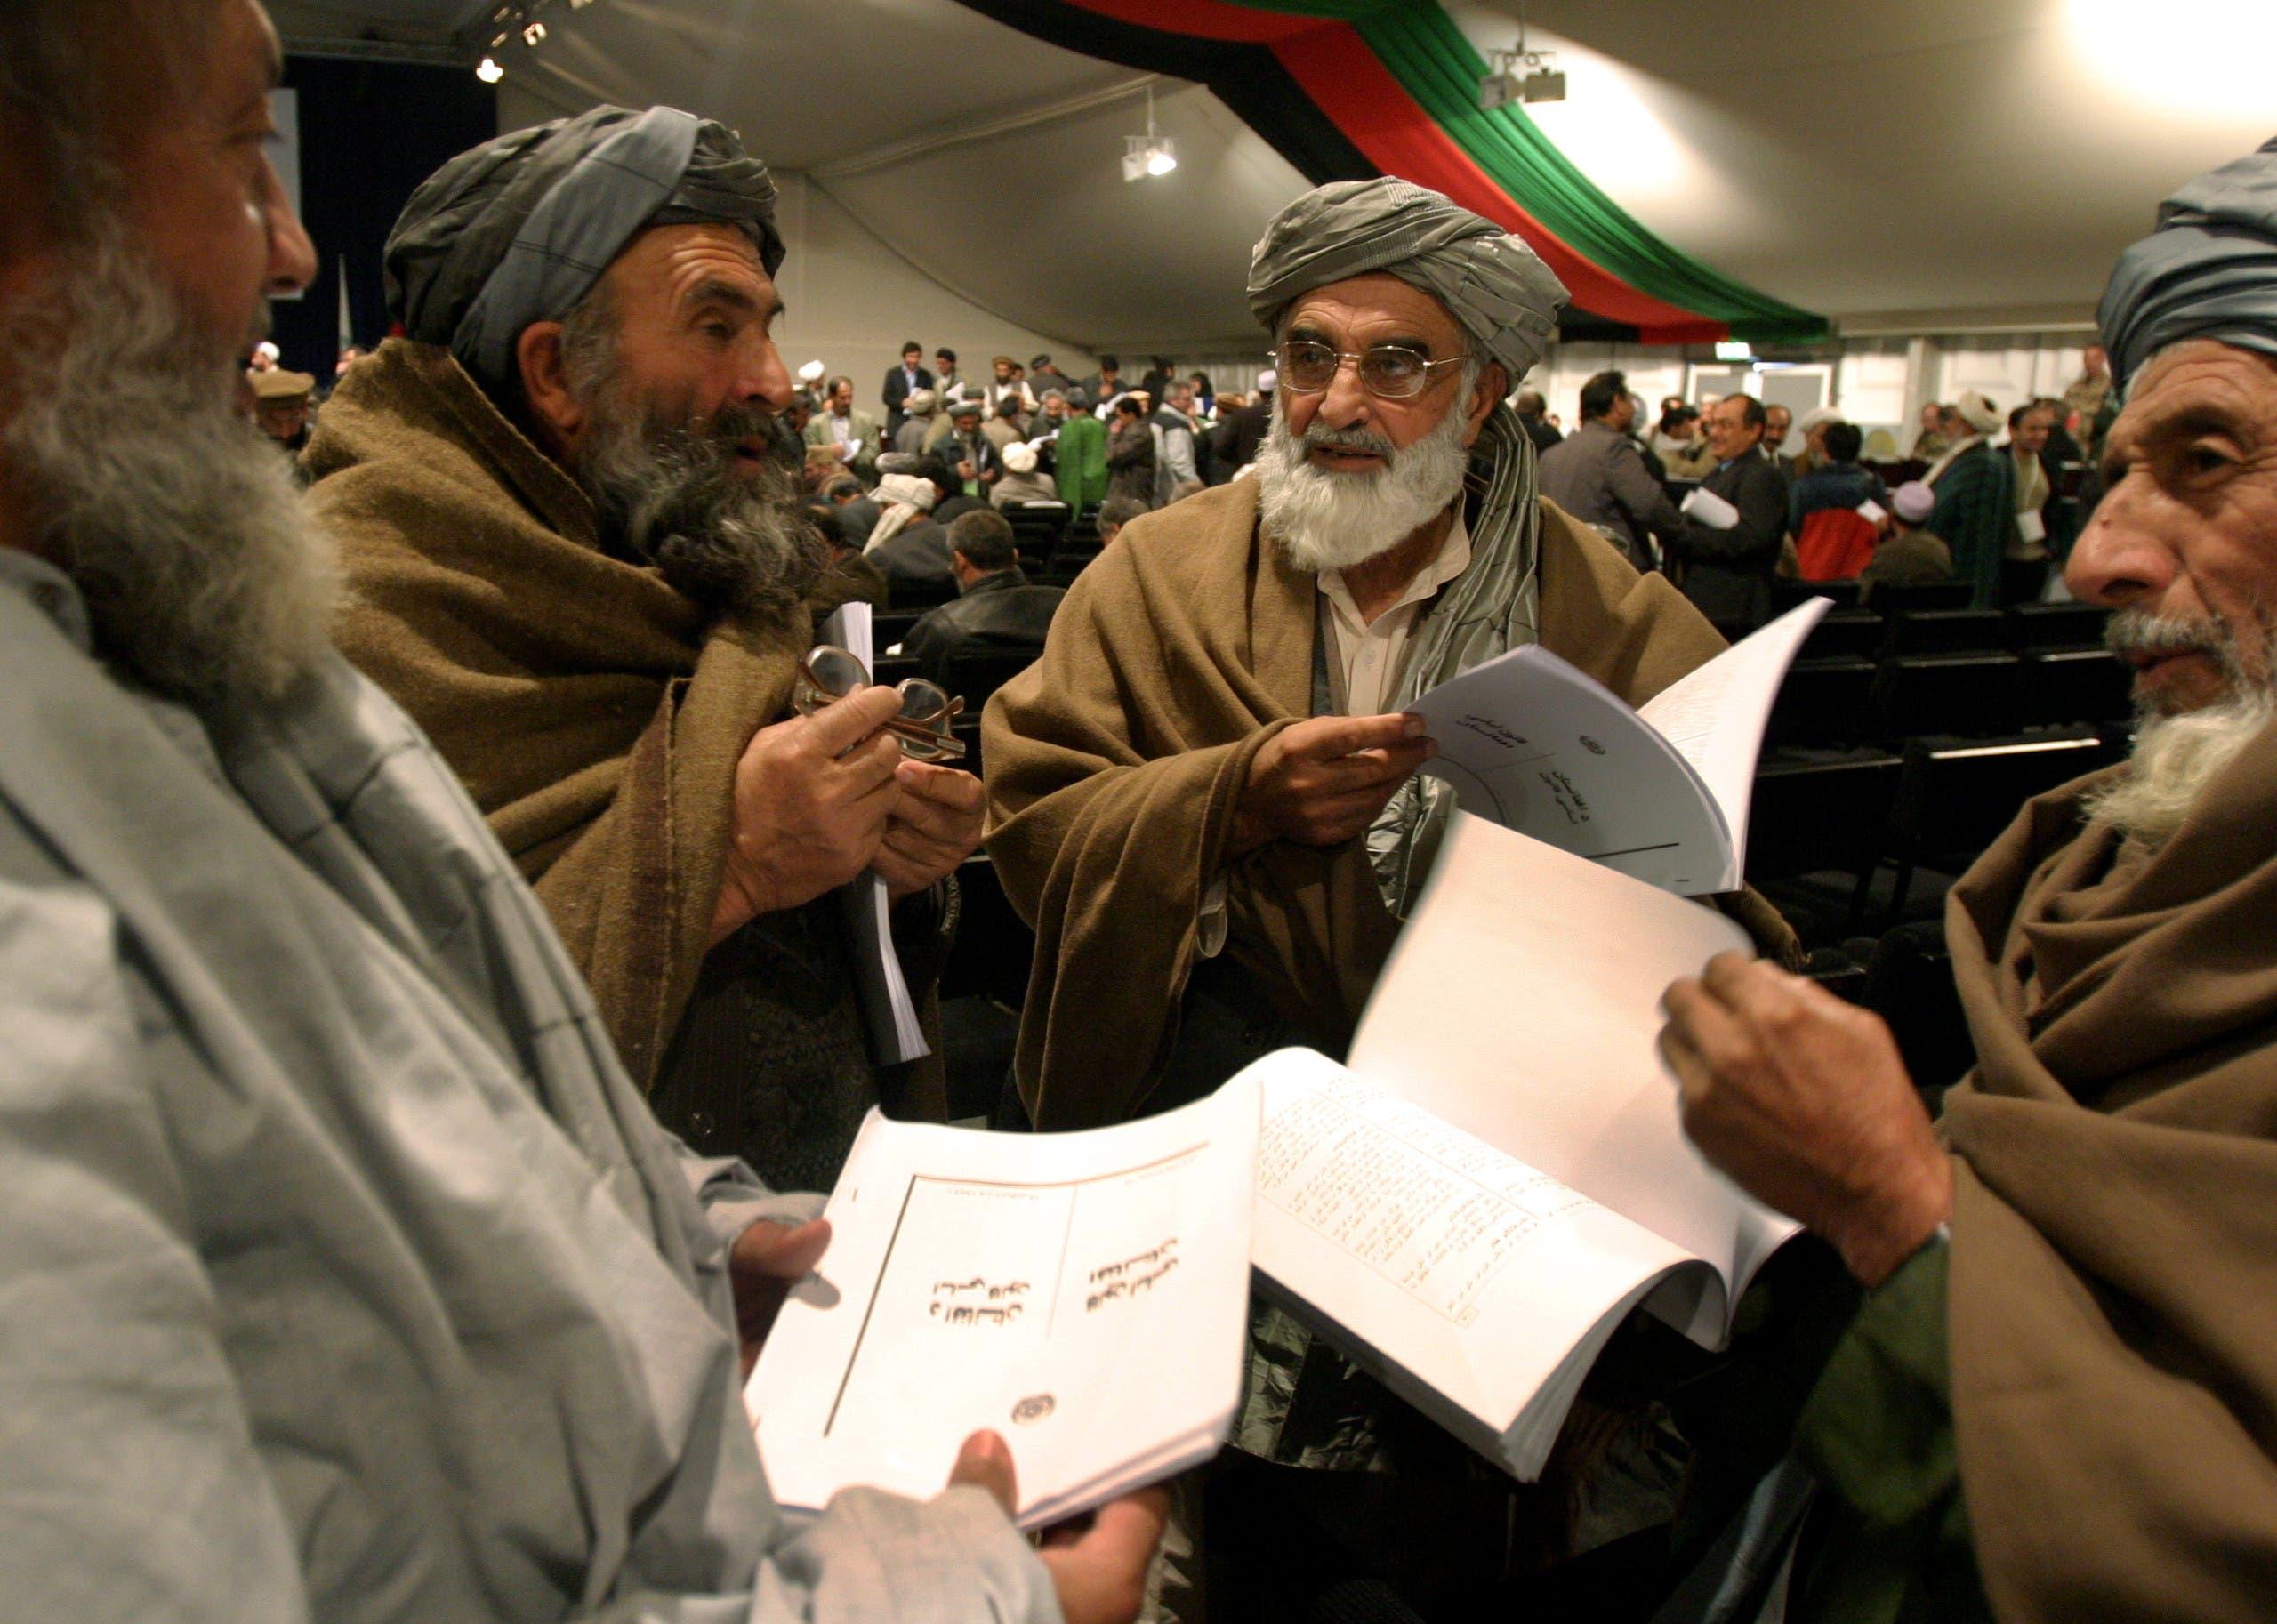 أعضاء في البرلمان الأفغاني يقرؤون الدستور الجديد للبلاد الذي تم تبنيه في 2004